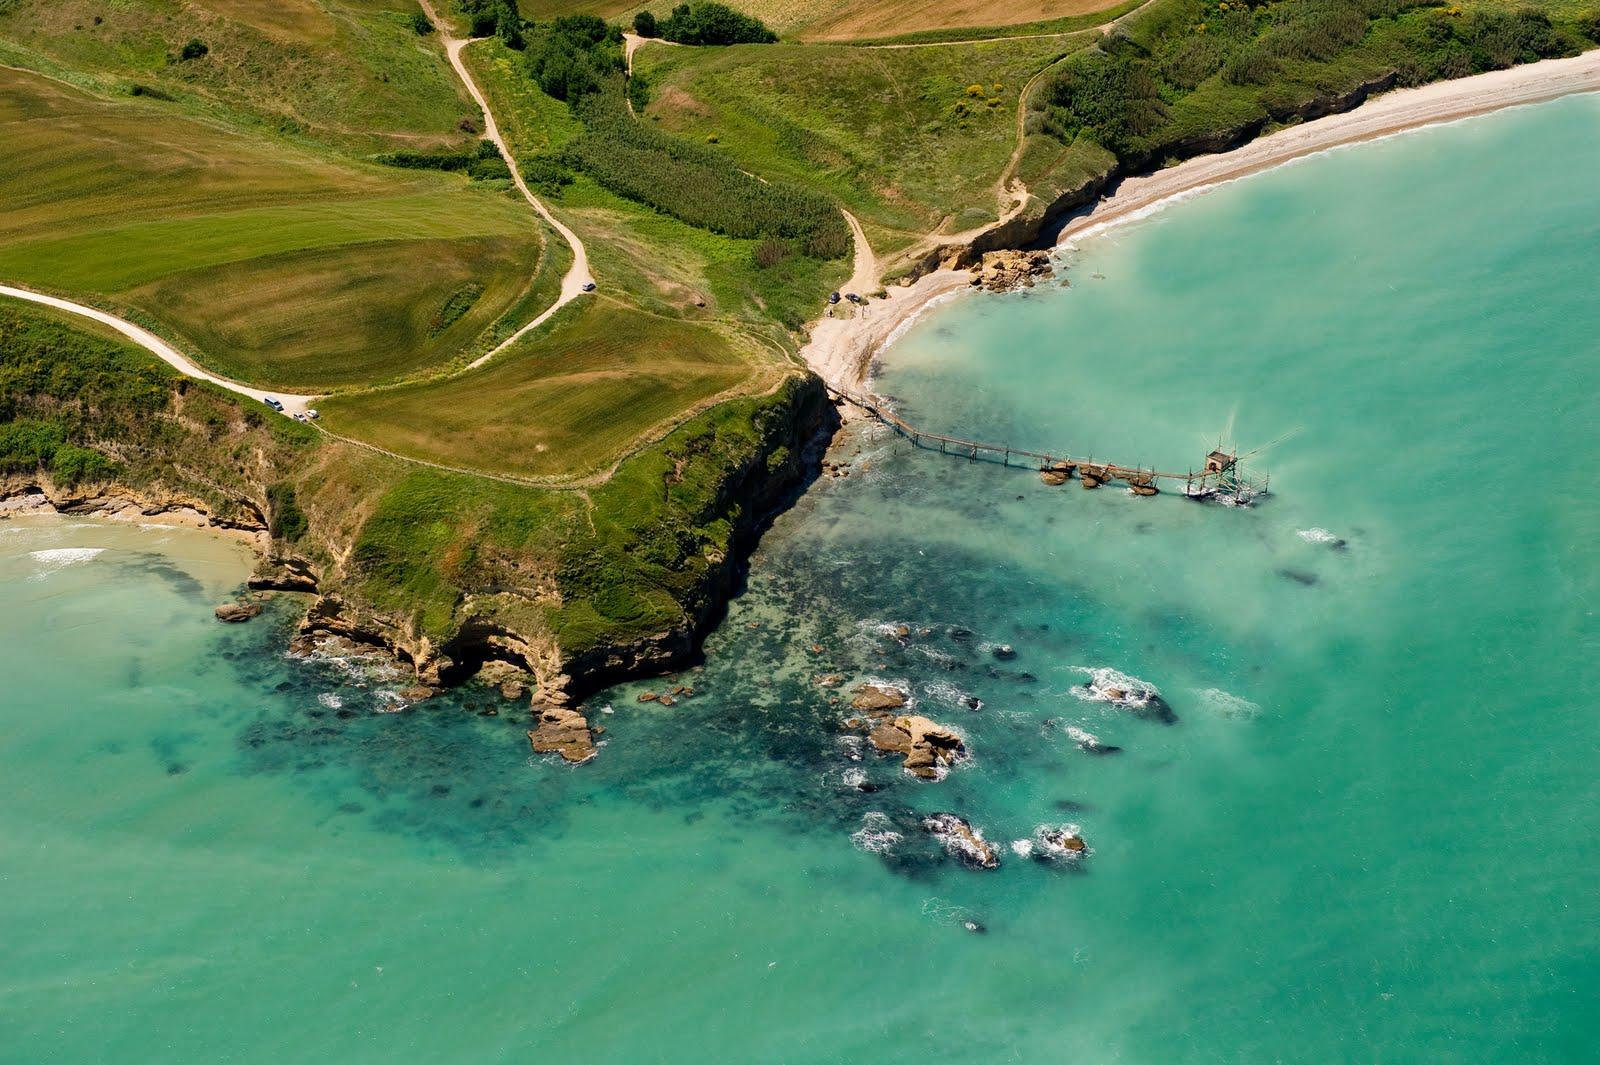 Spiaggia di Punta Aderci - Abruzzo: spiagge italiane ...